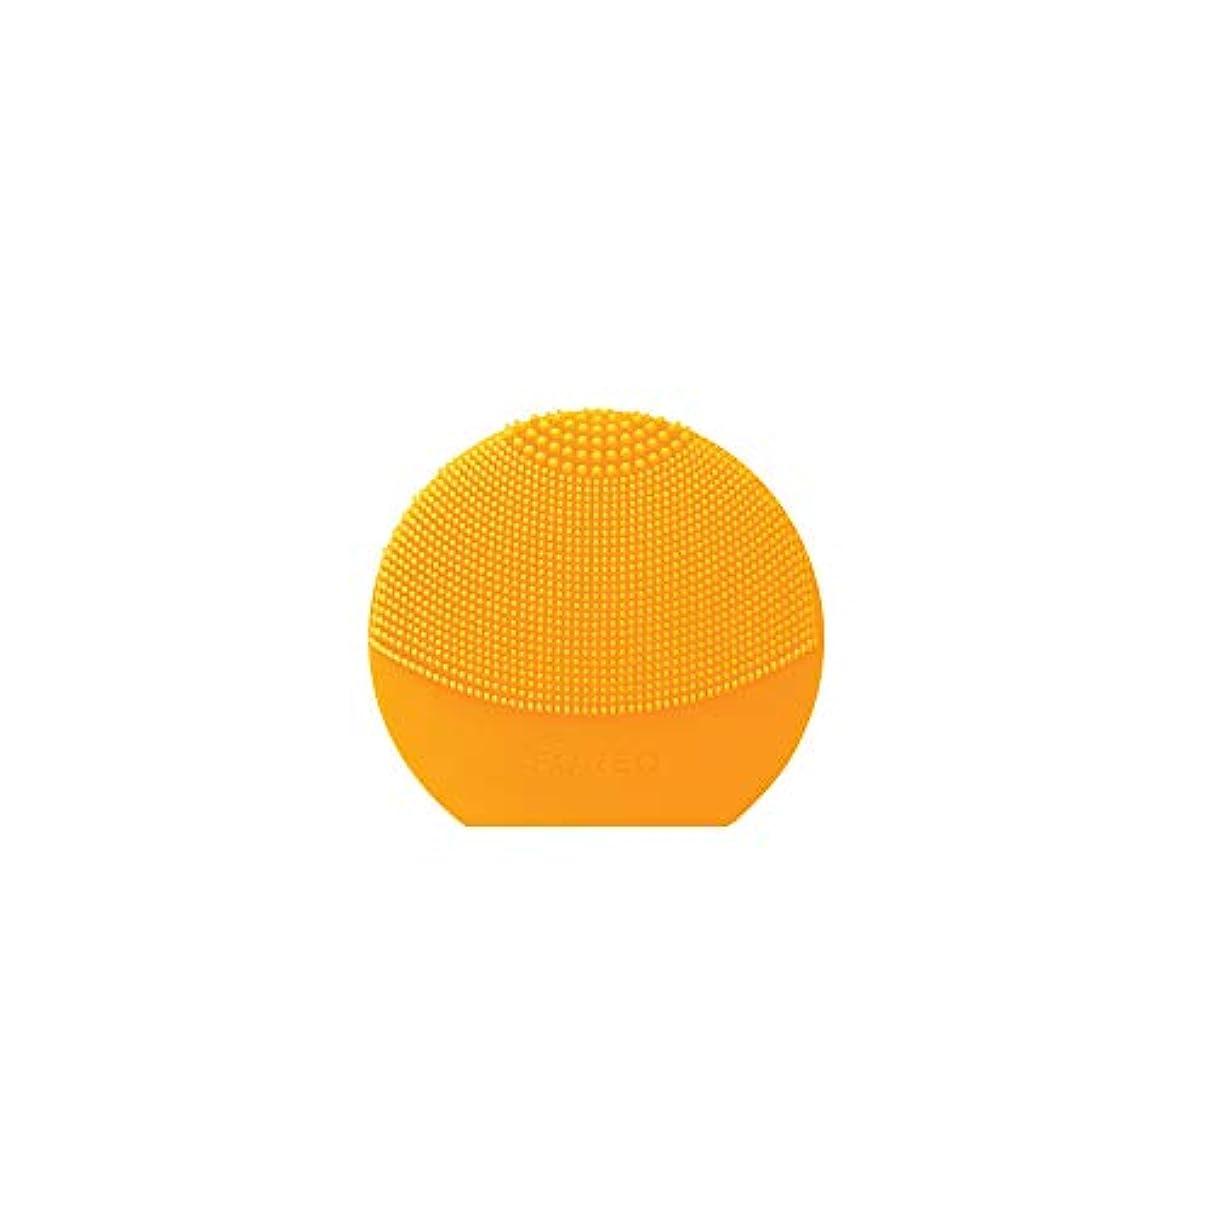 難民アクチュエータエーカーFOREO LUNA Play Plus サンフラワーイエロー シリコーン製 音波振動 電動洗顔ブラシ 電池式